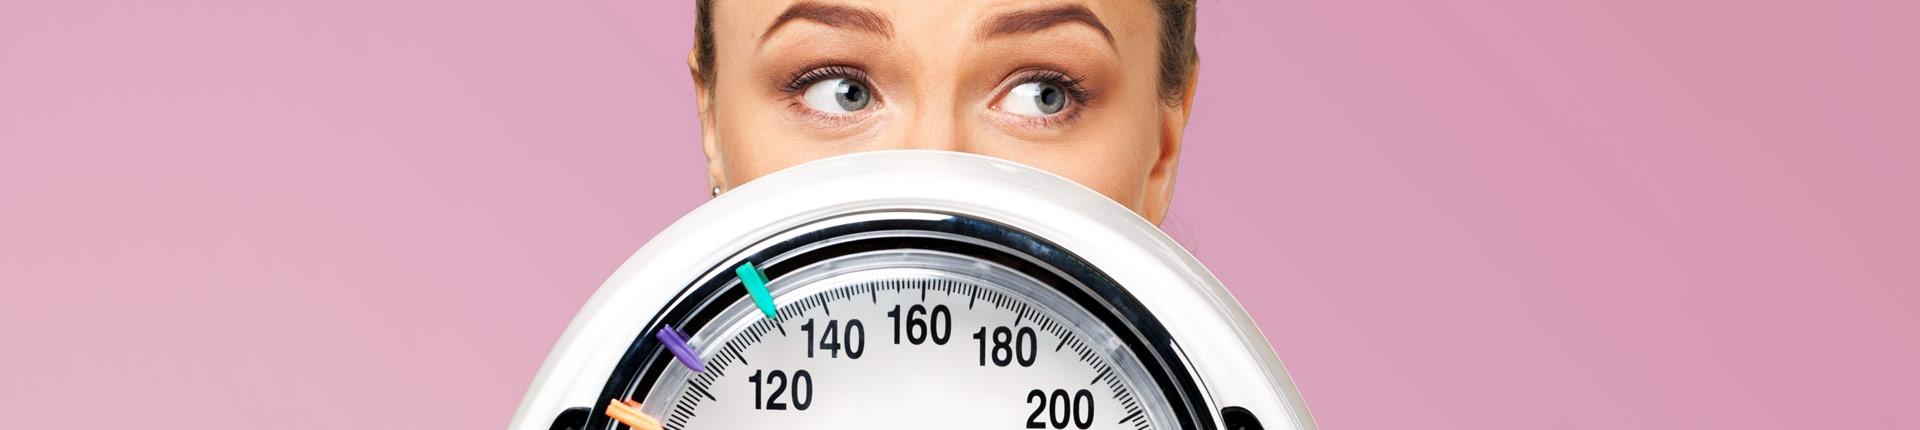 Czy przybieranie na wadze podczas okresu jest normalne?